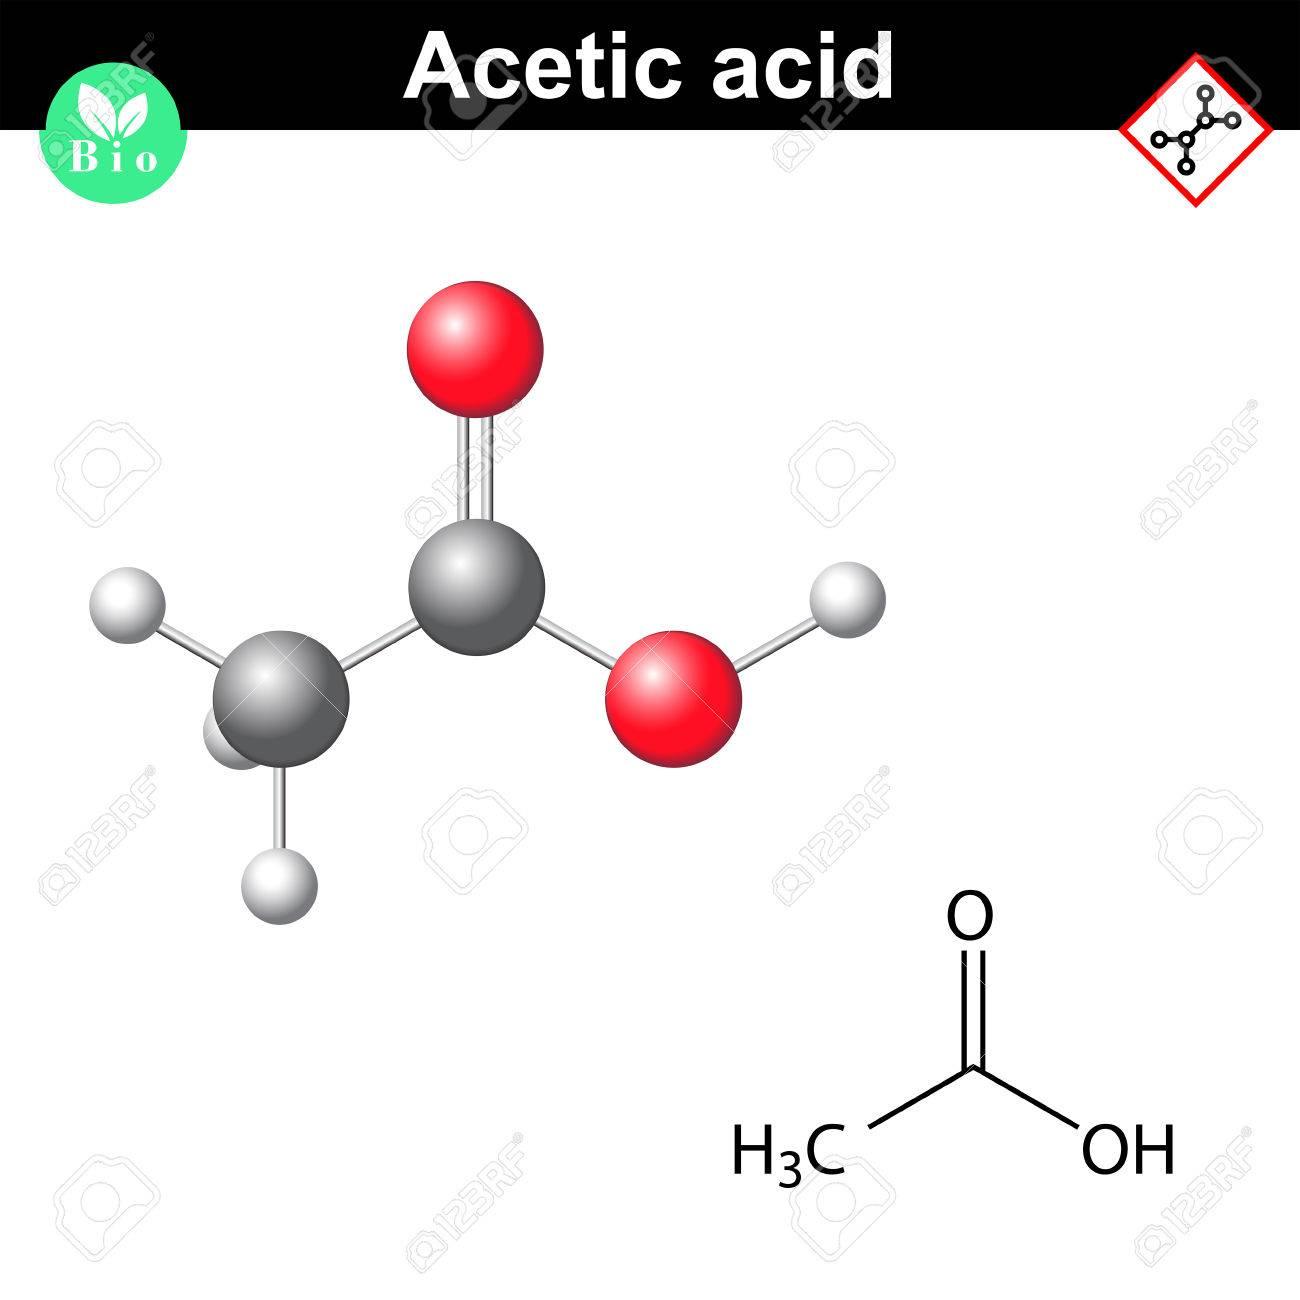 Fórmula Estructural Química Y La Estructura Molecular De La Molécula De ácido Acético 2d Y 3d Ilustración Vectorial